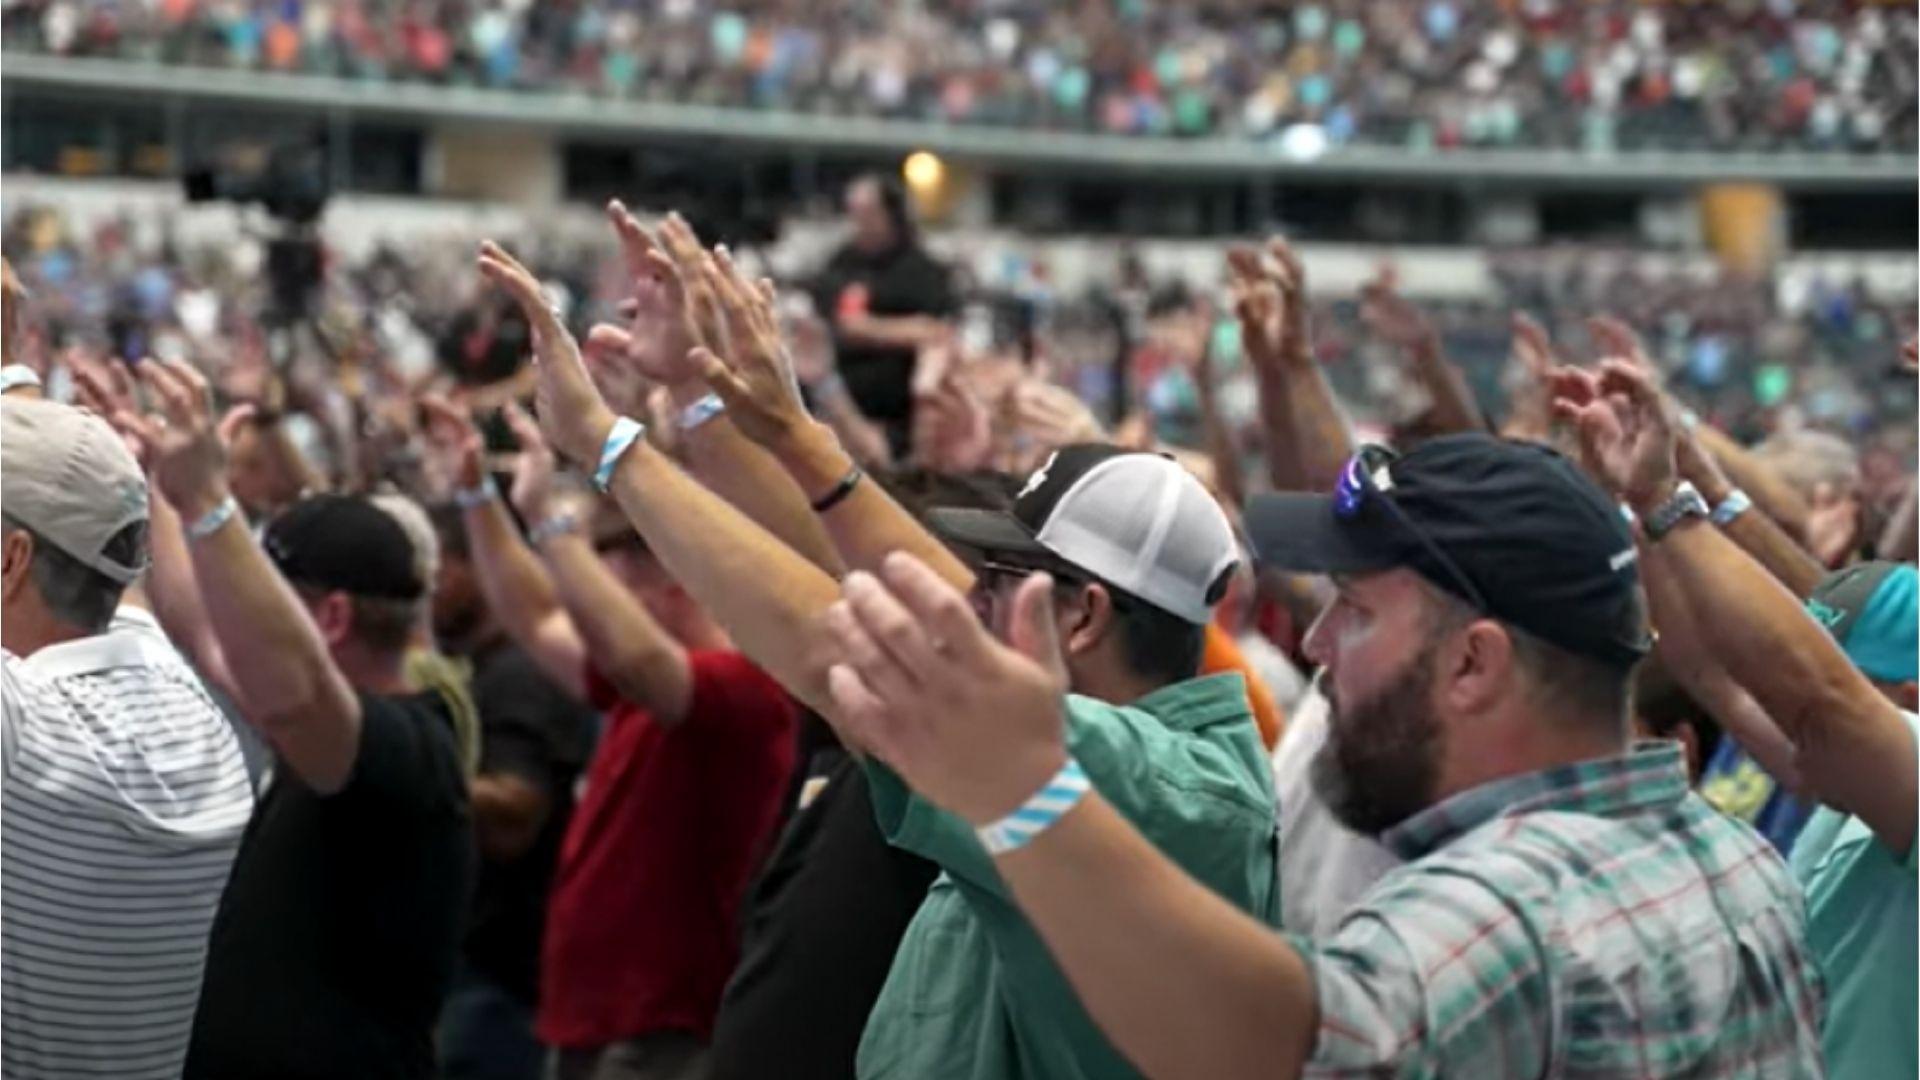 """Milhares de homens clamam a Deus em campo de futebol: """"O estádio virou uma igreja"""""""